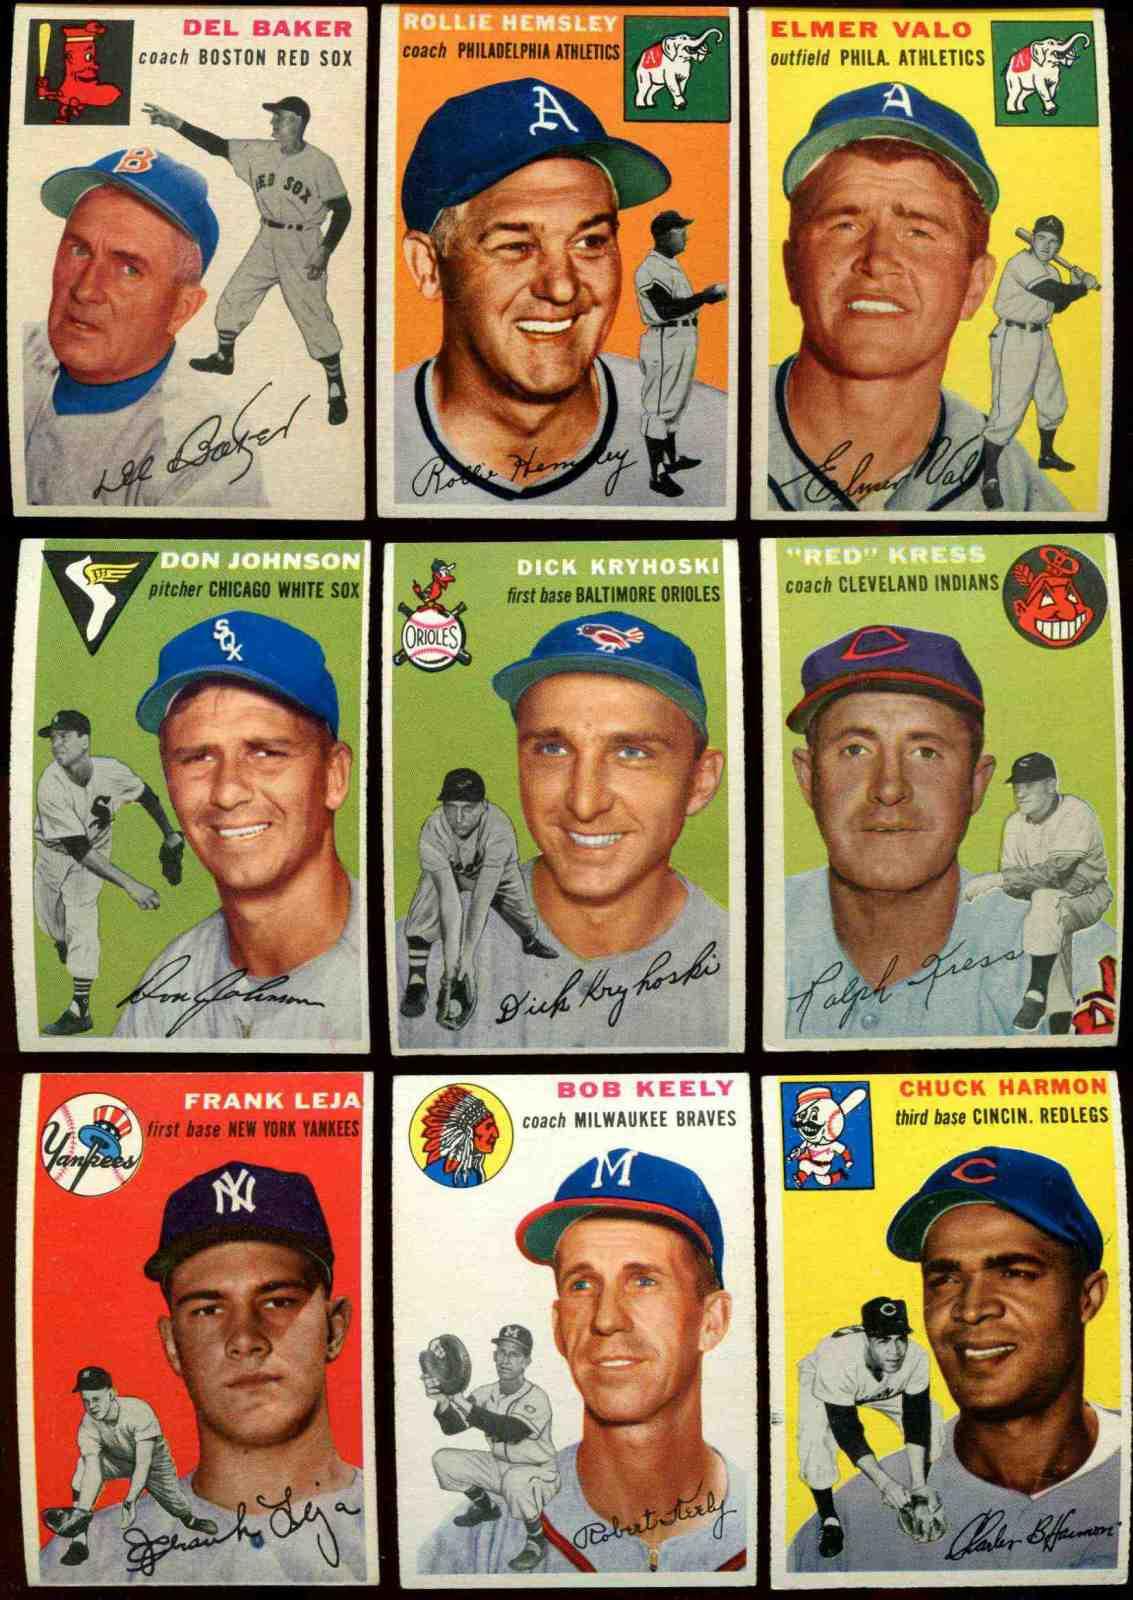 1954 Topps #150 Dick Kryhoski [#x] (Orioles) Baseball cards value